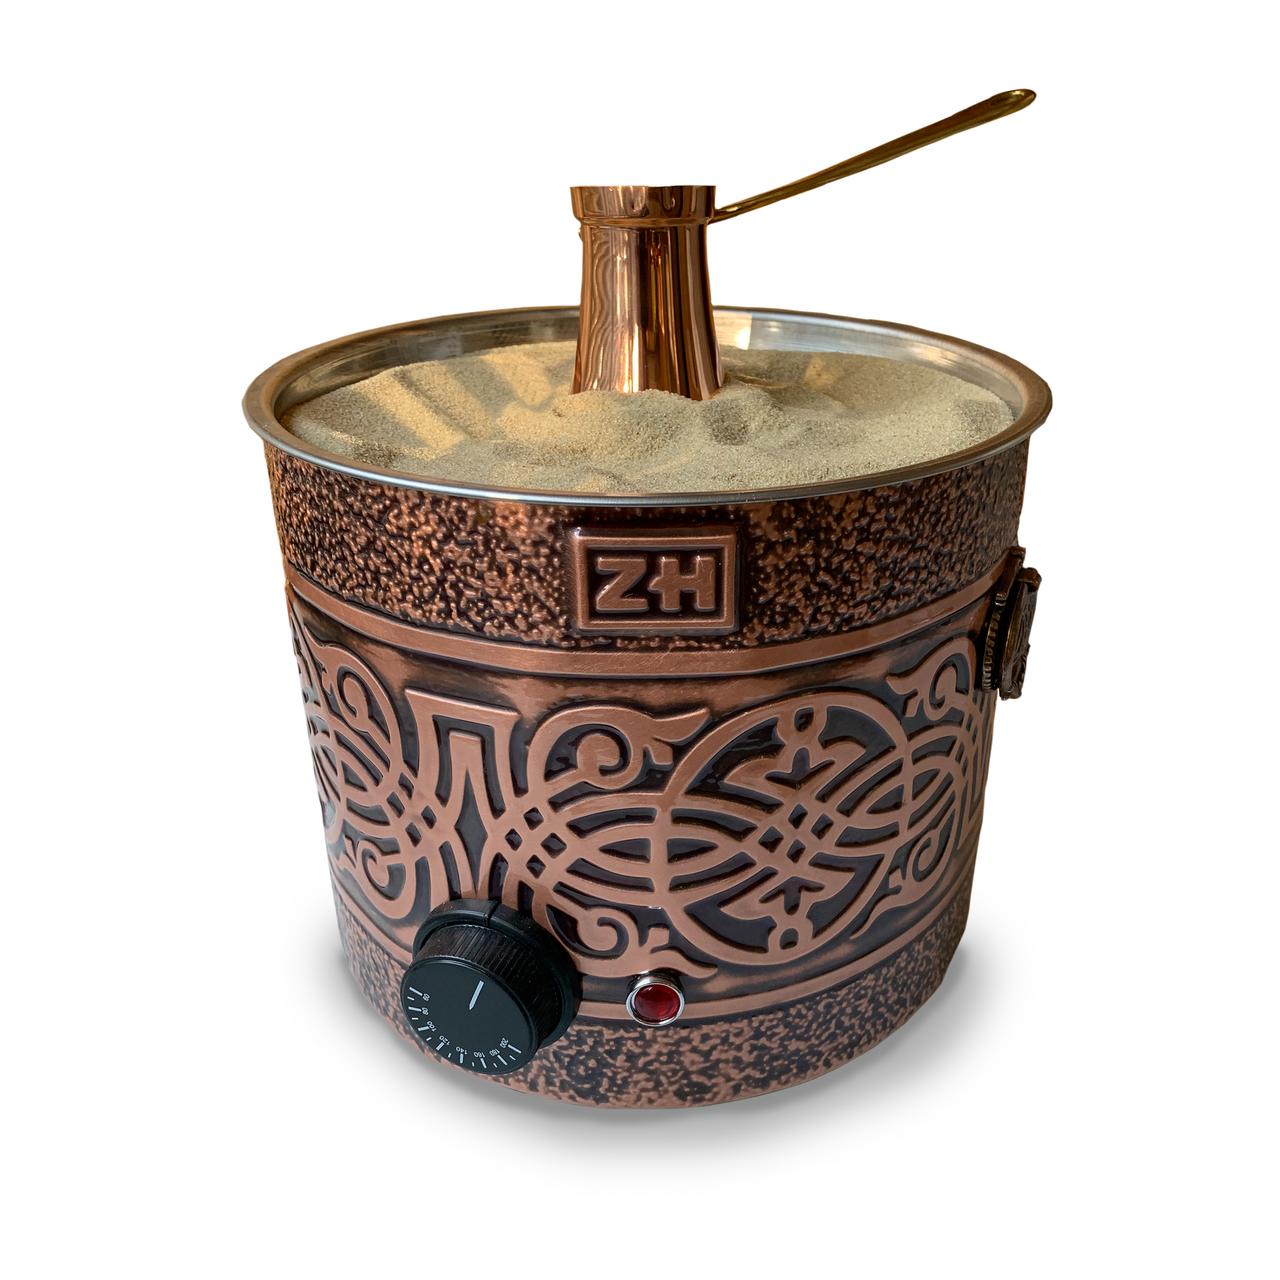 Кофемашина ZH для приготовления кофе на песке KUM 01 - SARMAL